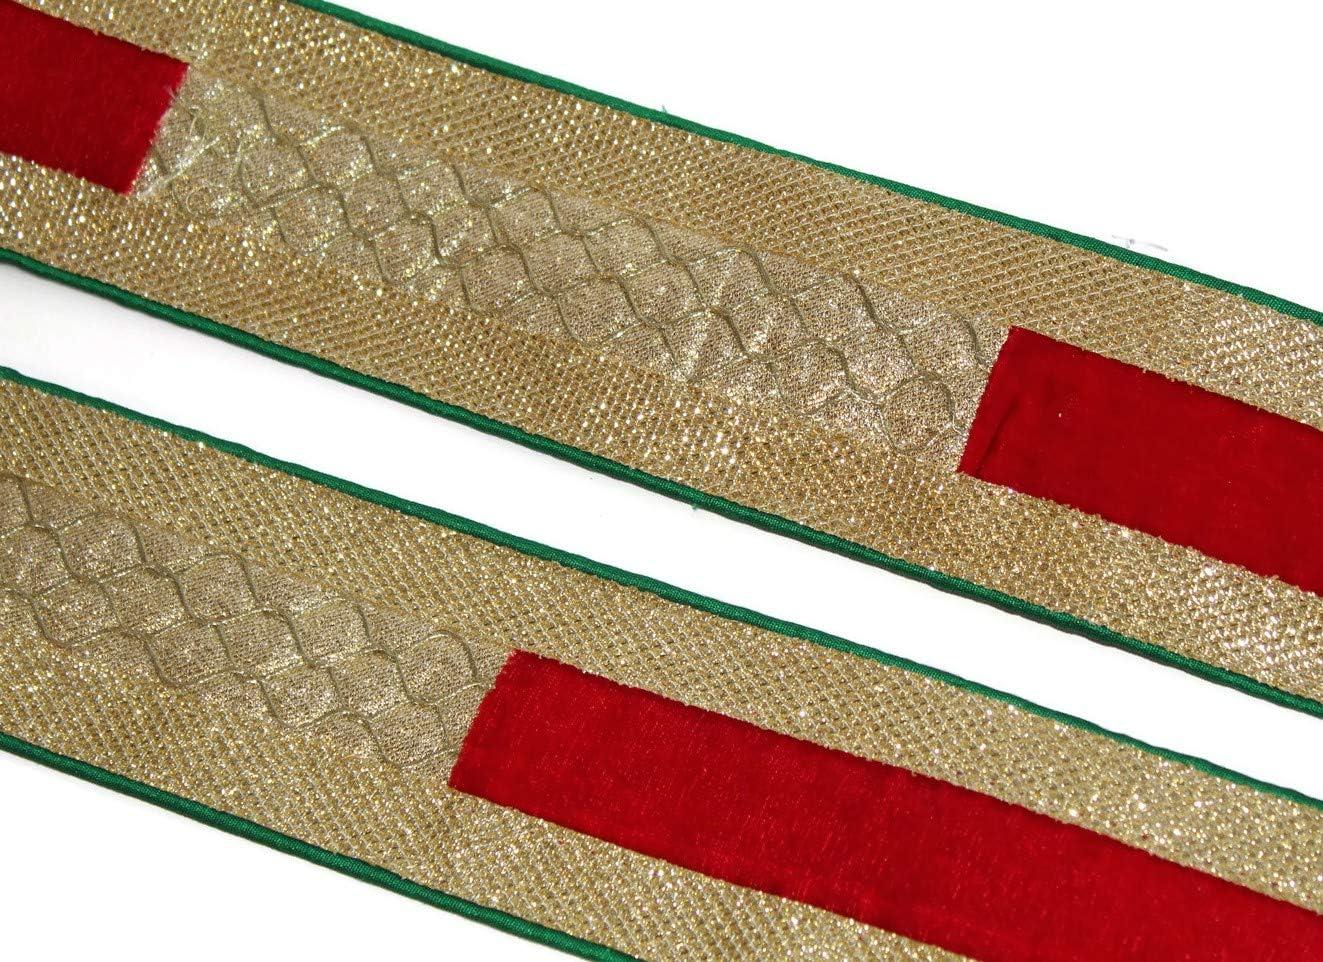 Idukaancrafts Be super welcome Golden Red Dress Border 09 2.5